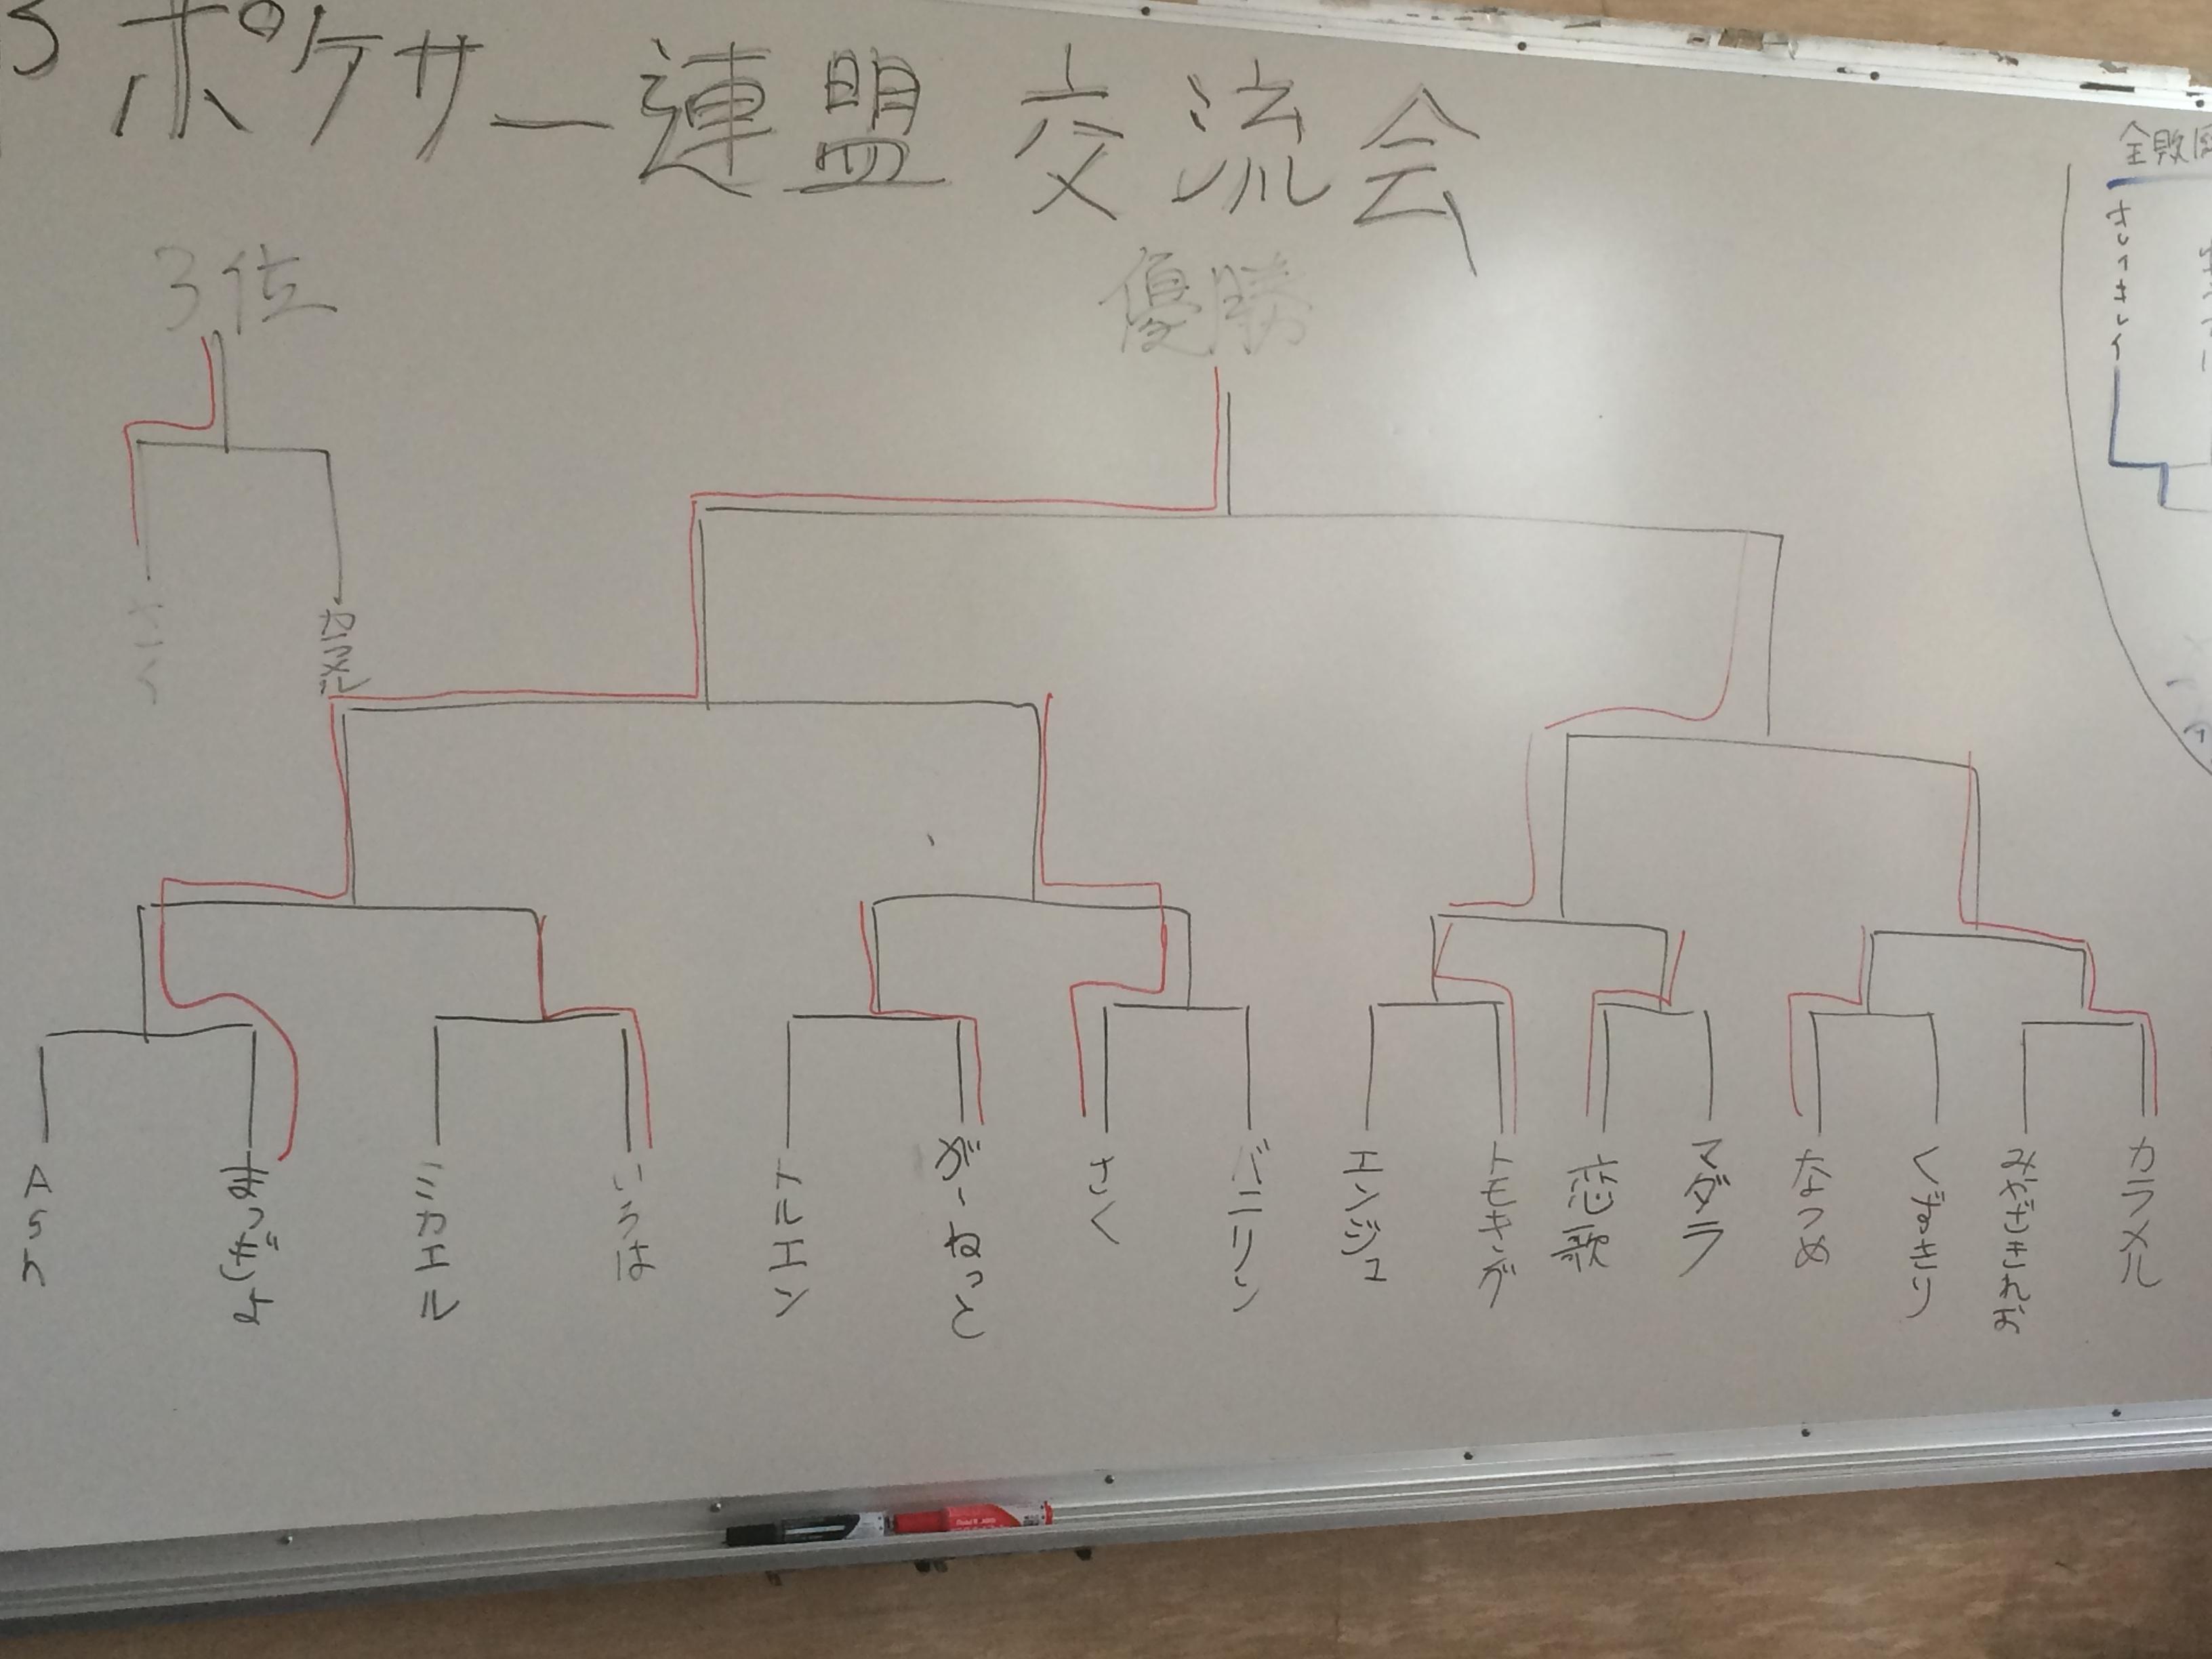 8_28 中ポケ連オフ